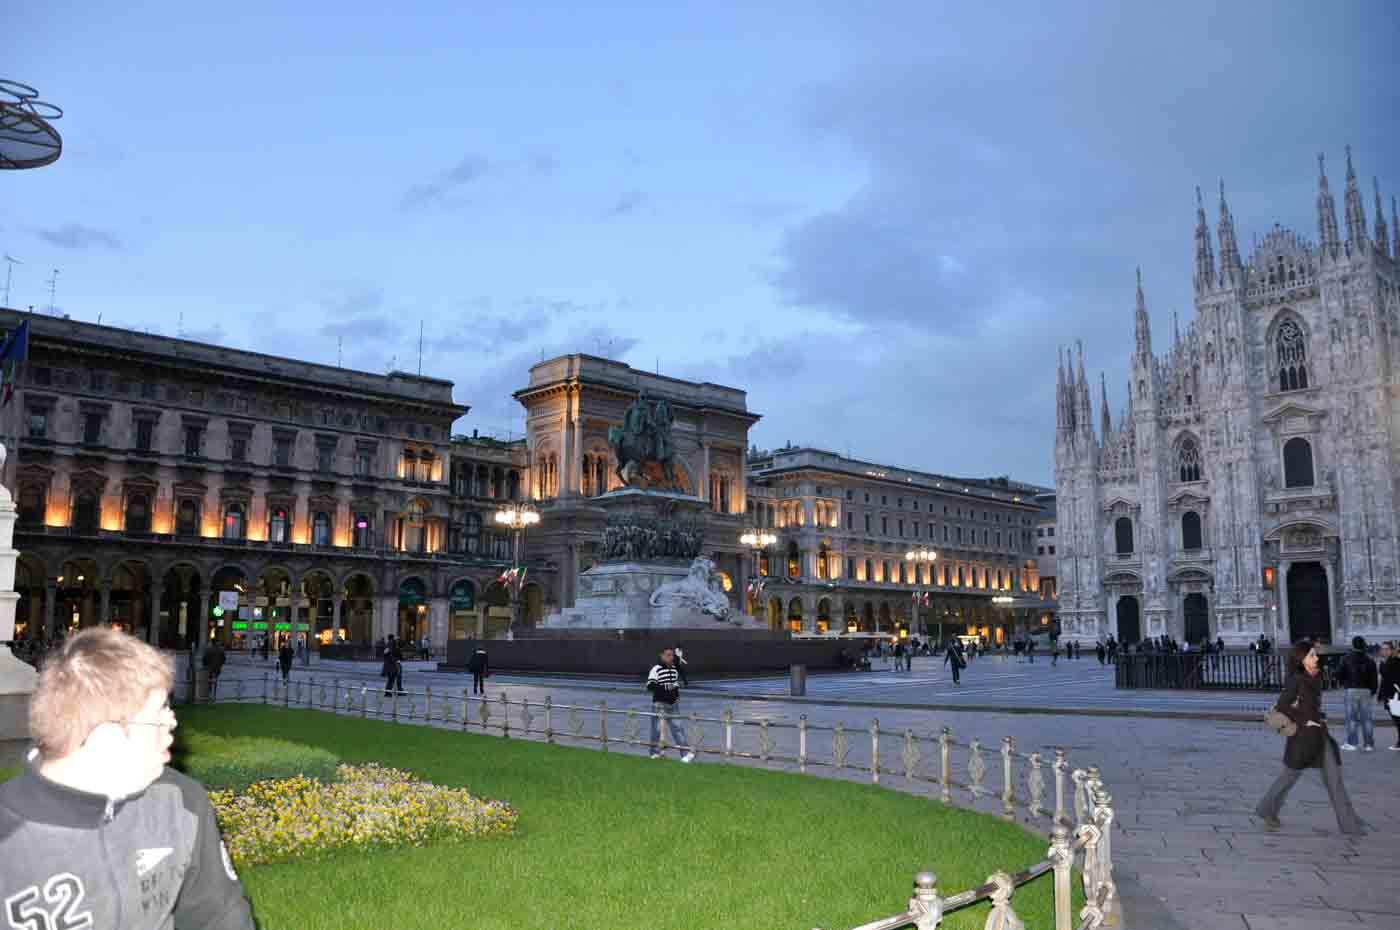 (Deutsch) Piazza del Duomo